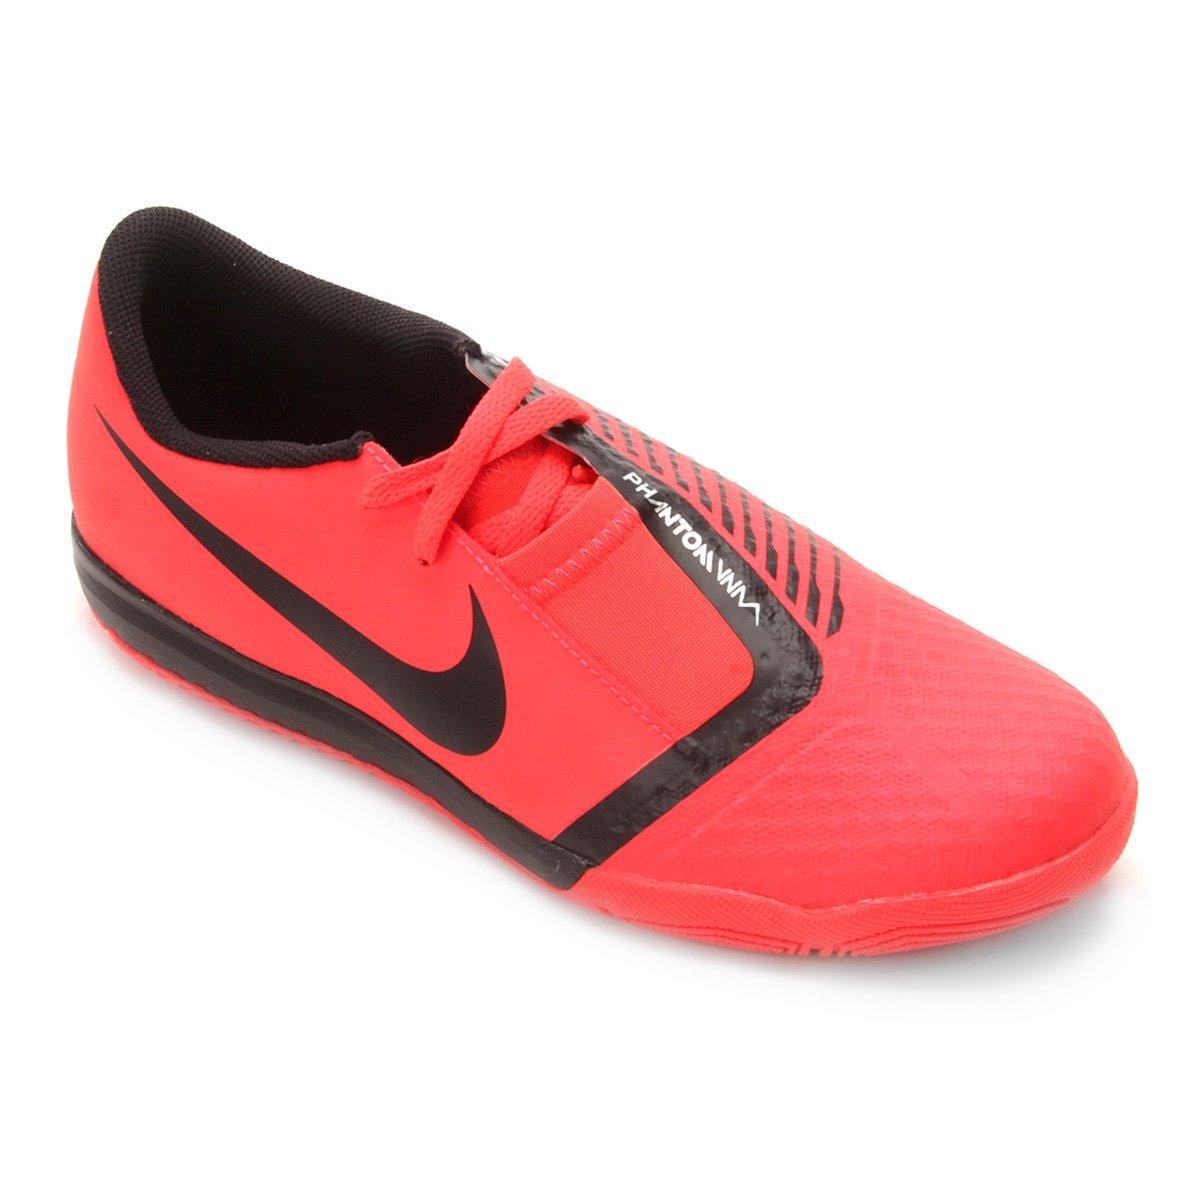 ba46e25080 Chuteira Futsal Infantil Nike Phantom Venom Academy IC - Vermelho e ...